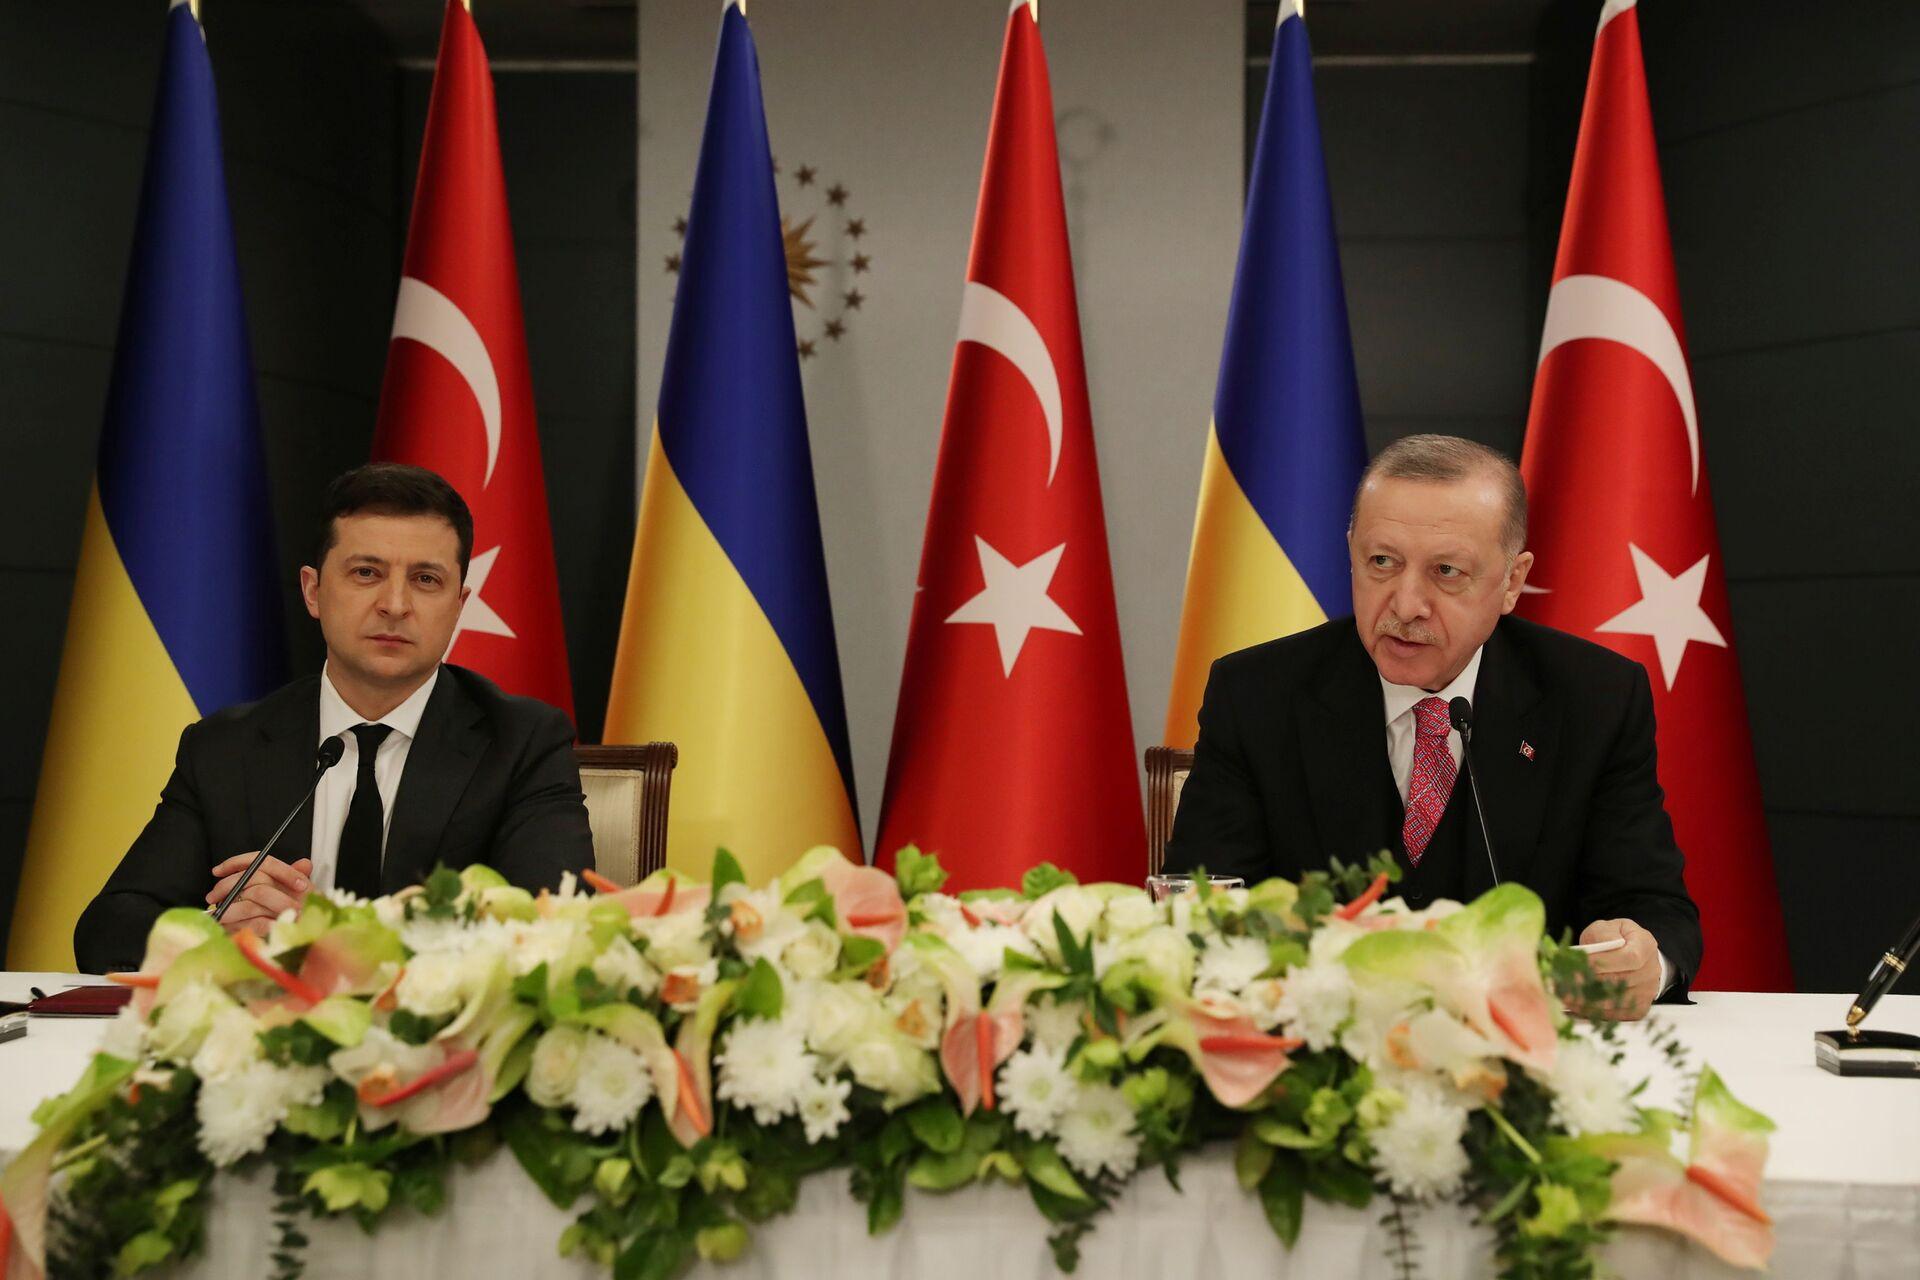 Президент Украины Владимир Зеленский и президент Турции Реджеп Тайип Эрдоган - Sputnik Латвия, 1920, 01.06.2021